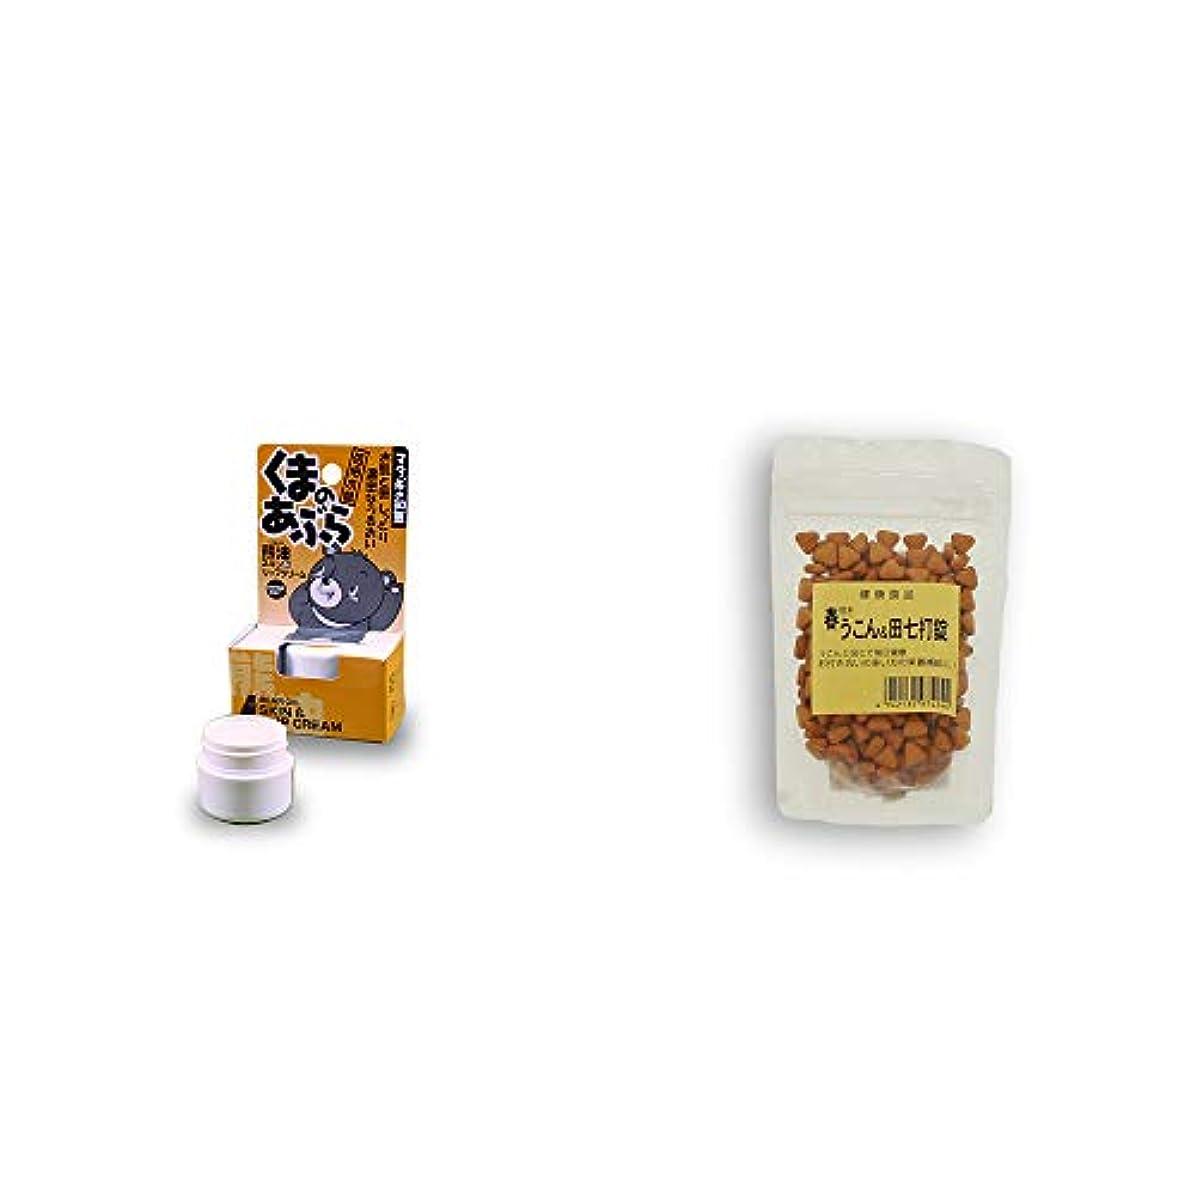 流必須削る[2点セット] 信州木曽 くまのあぶら 熊油スキン&リップクリーム(9g)?春咲き うこん&田七打錠(70g(250mg×280粒))